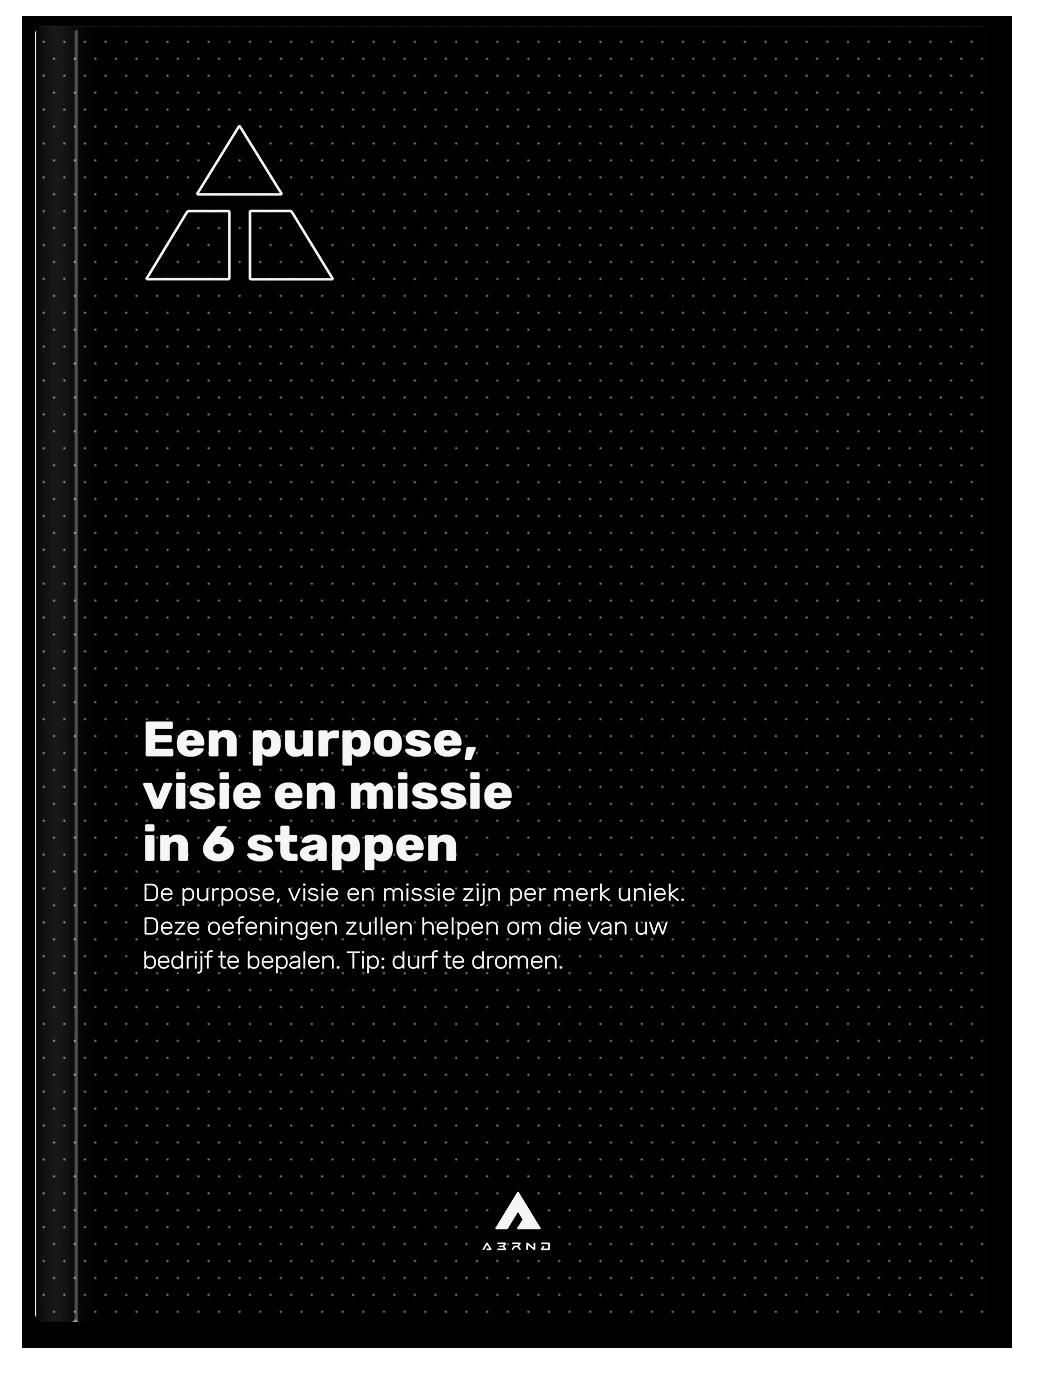 abrnd-purpose-visie-en-missie-oefening